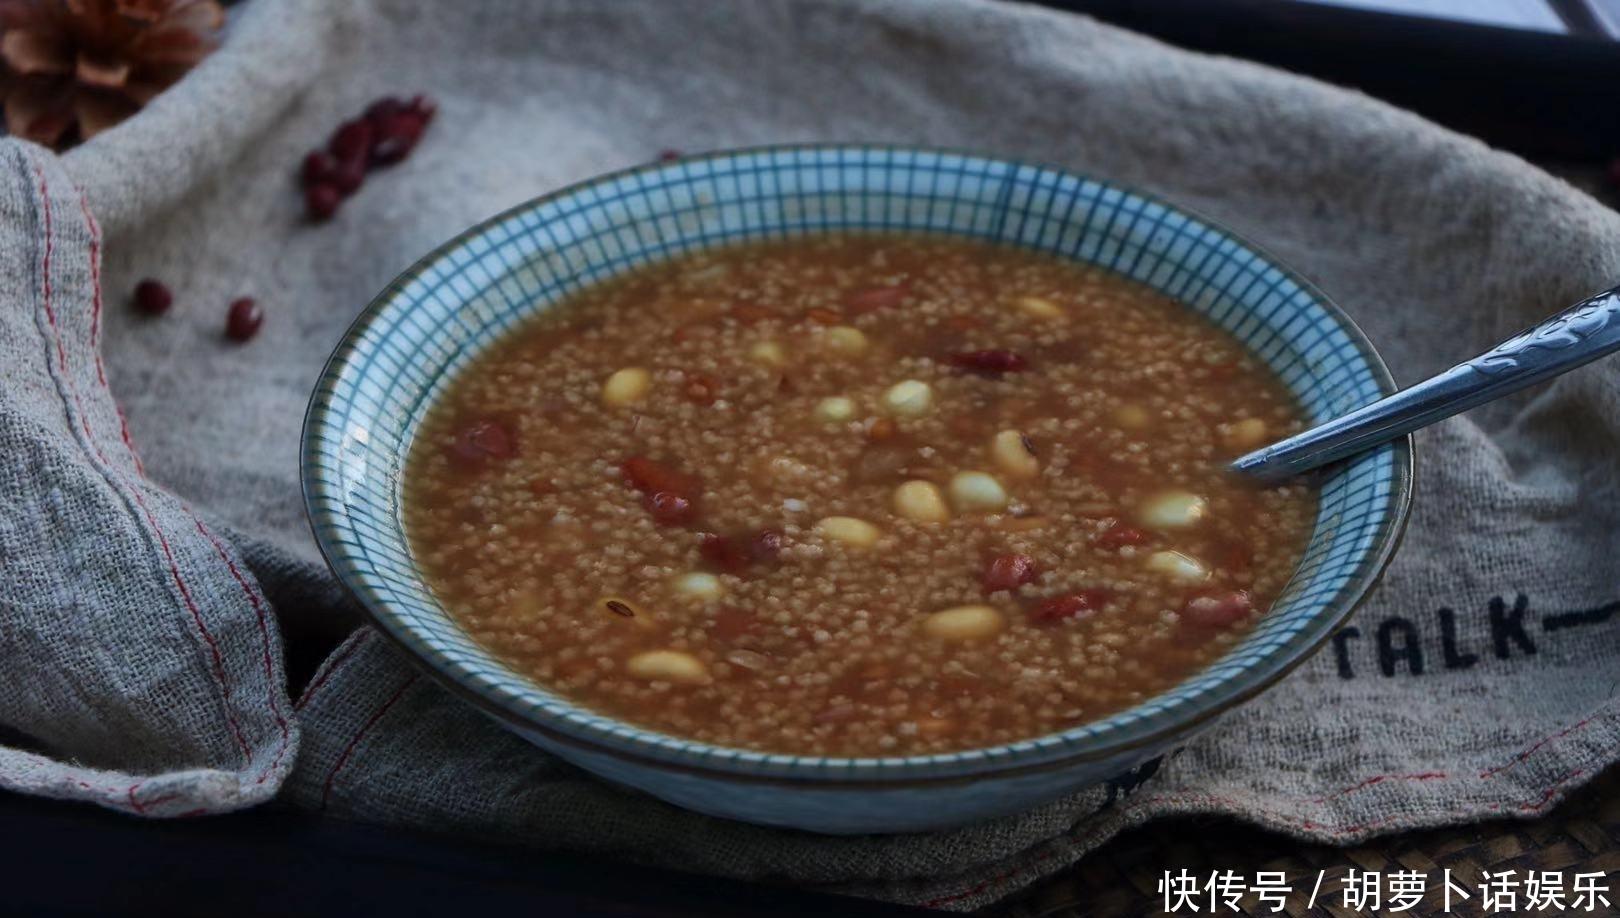 <b>天气炎热,不妨试一试这款特色杂粮粥,口感香甜,越喝气色越好</b>